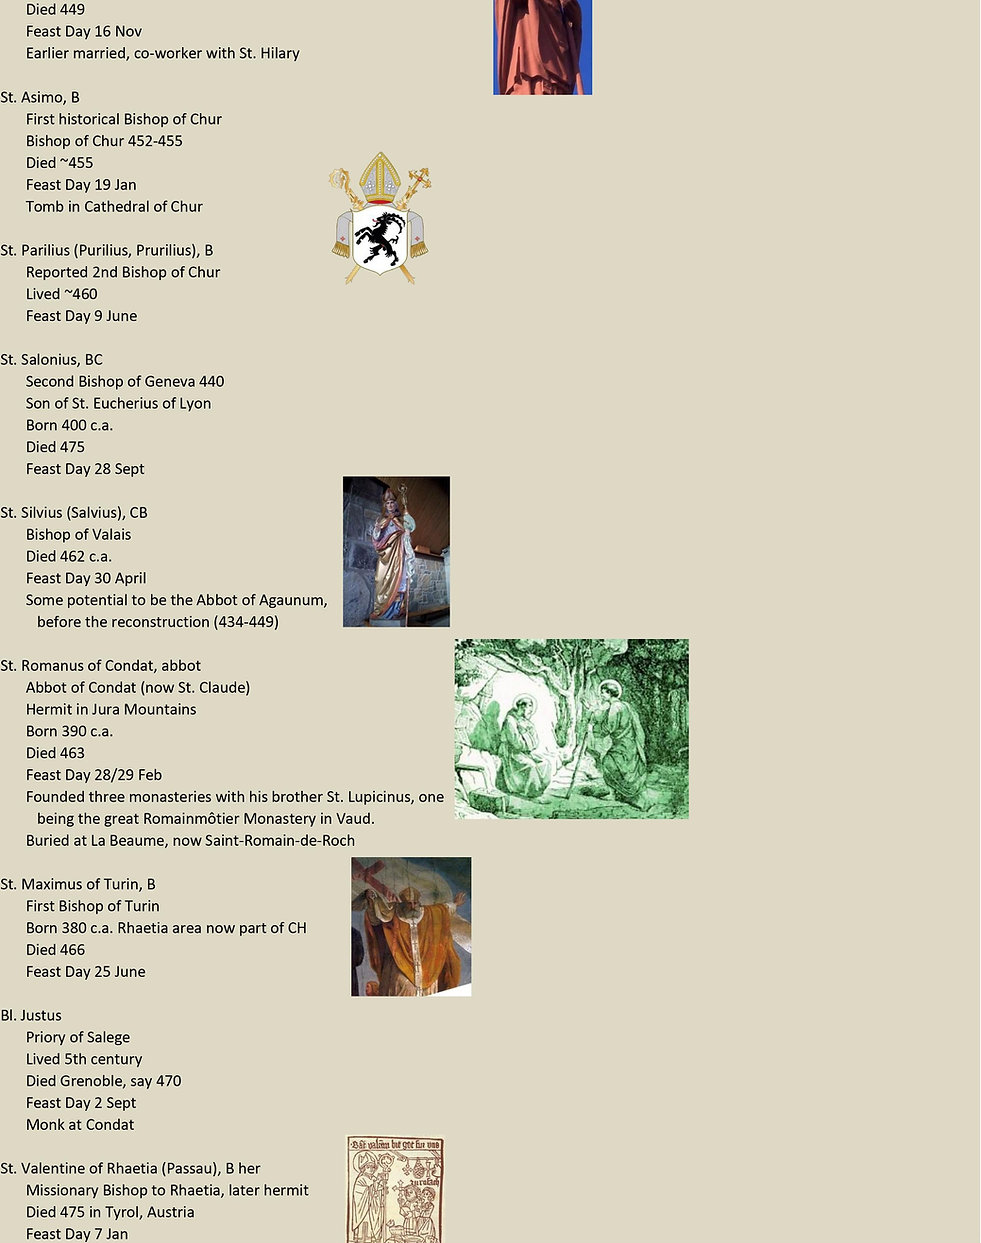 Liste de tous les saints suisses 5 sur 31